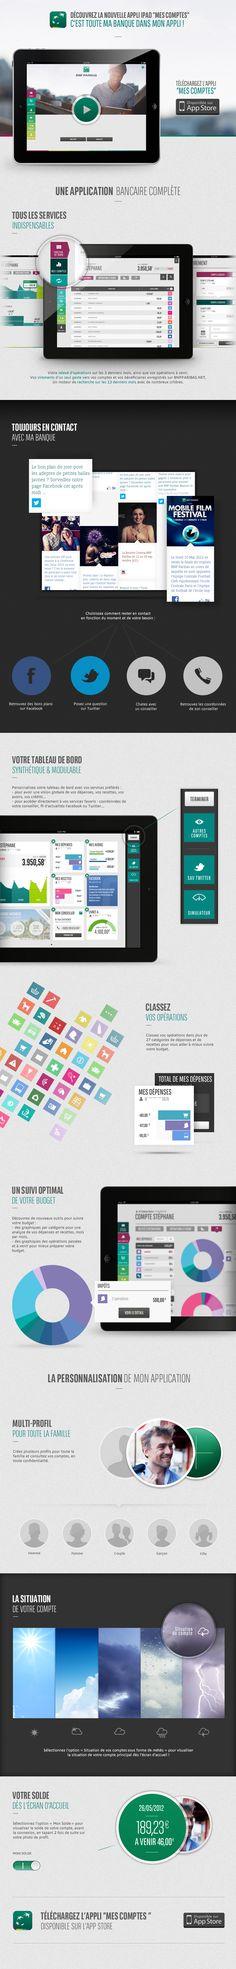 Nouvelle appli Mes Comptes BNP Paribas sur iPad : nouveau design et nouvelle interface...  A télécharger sur l'App Store : https://itunes.apple.com/fr/app/mes-comptes-bnp-paribas-pour/id374942618?mt=8  #iPad #BNPParibas